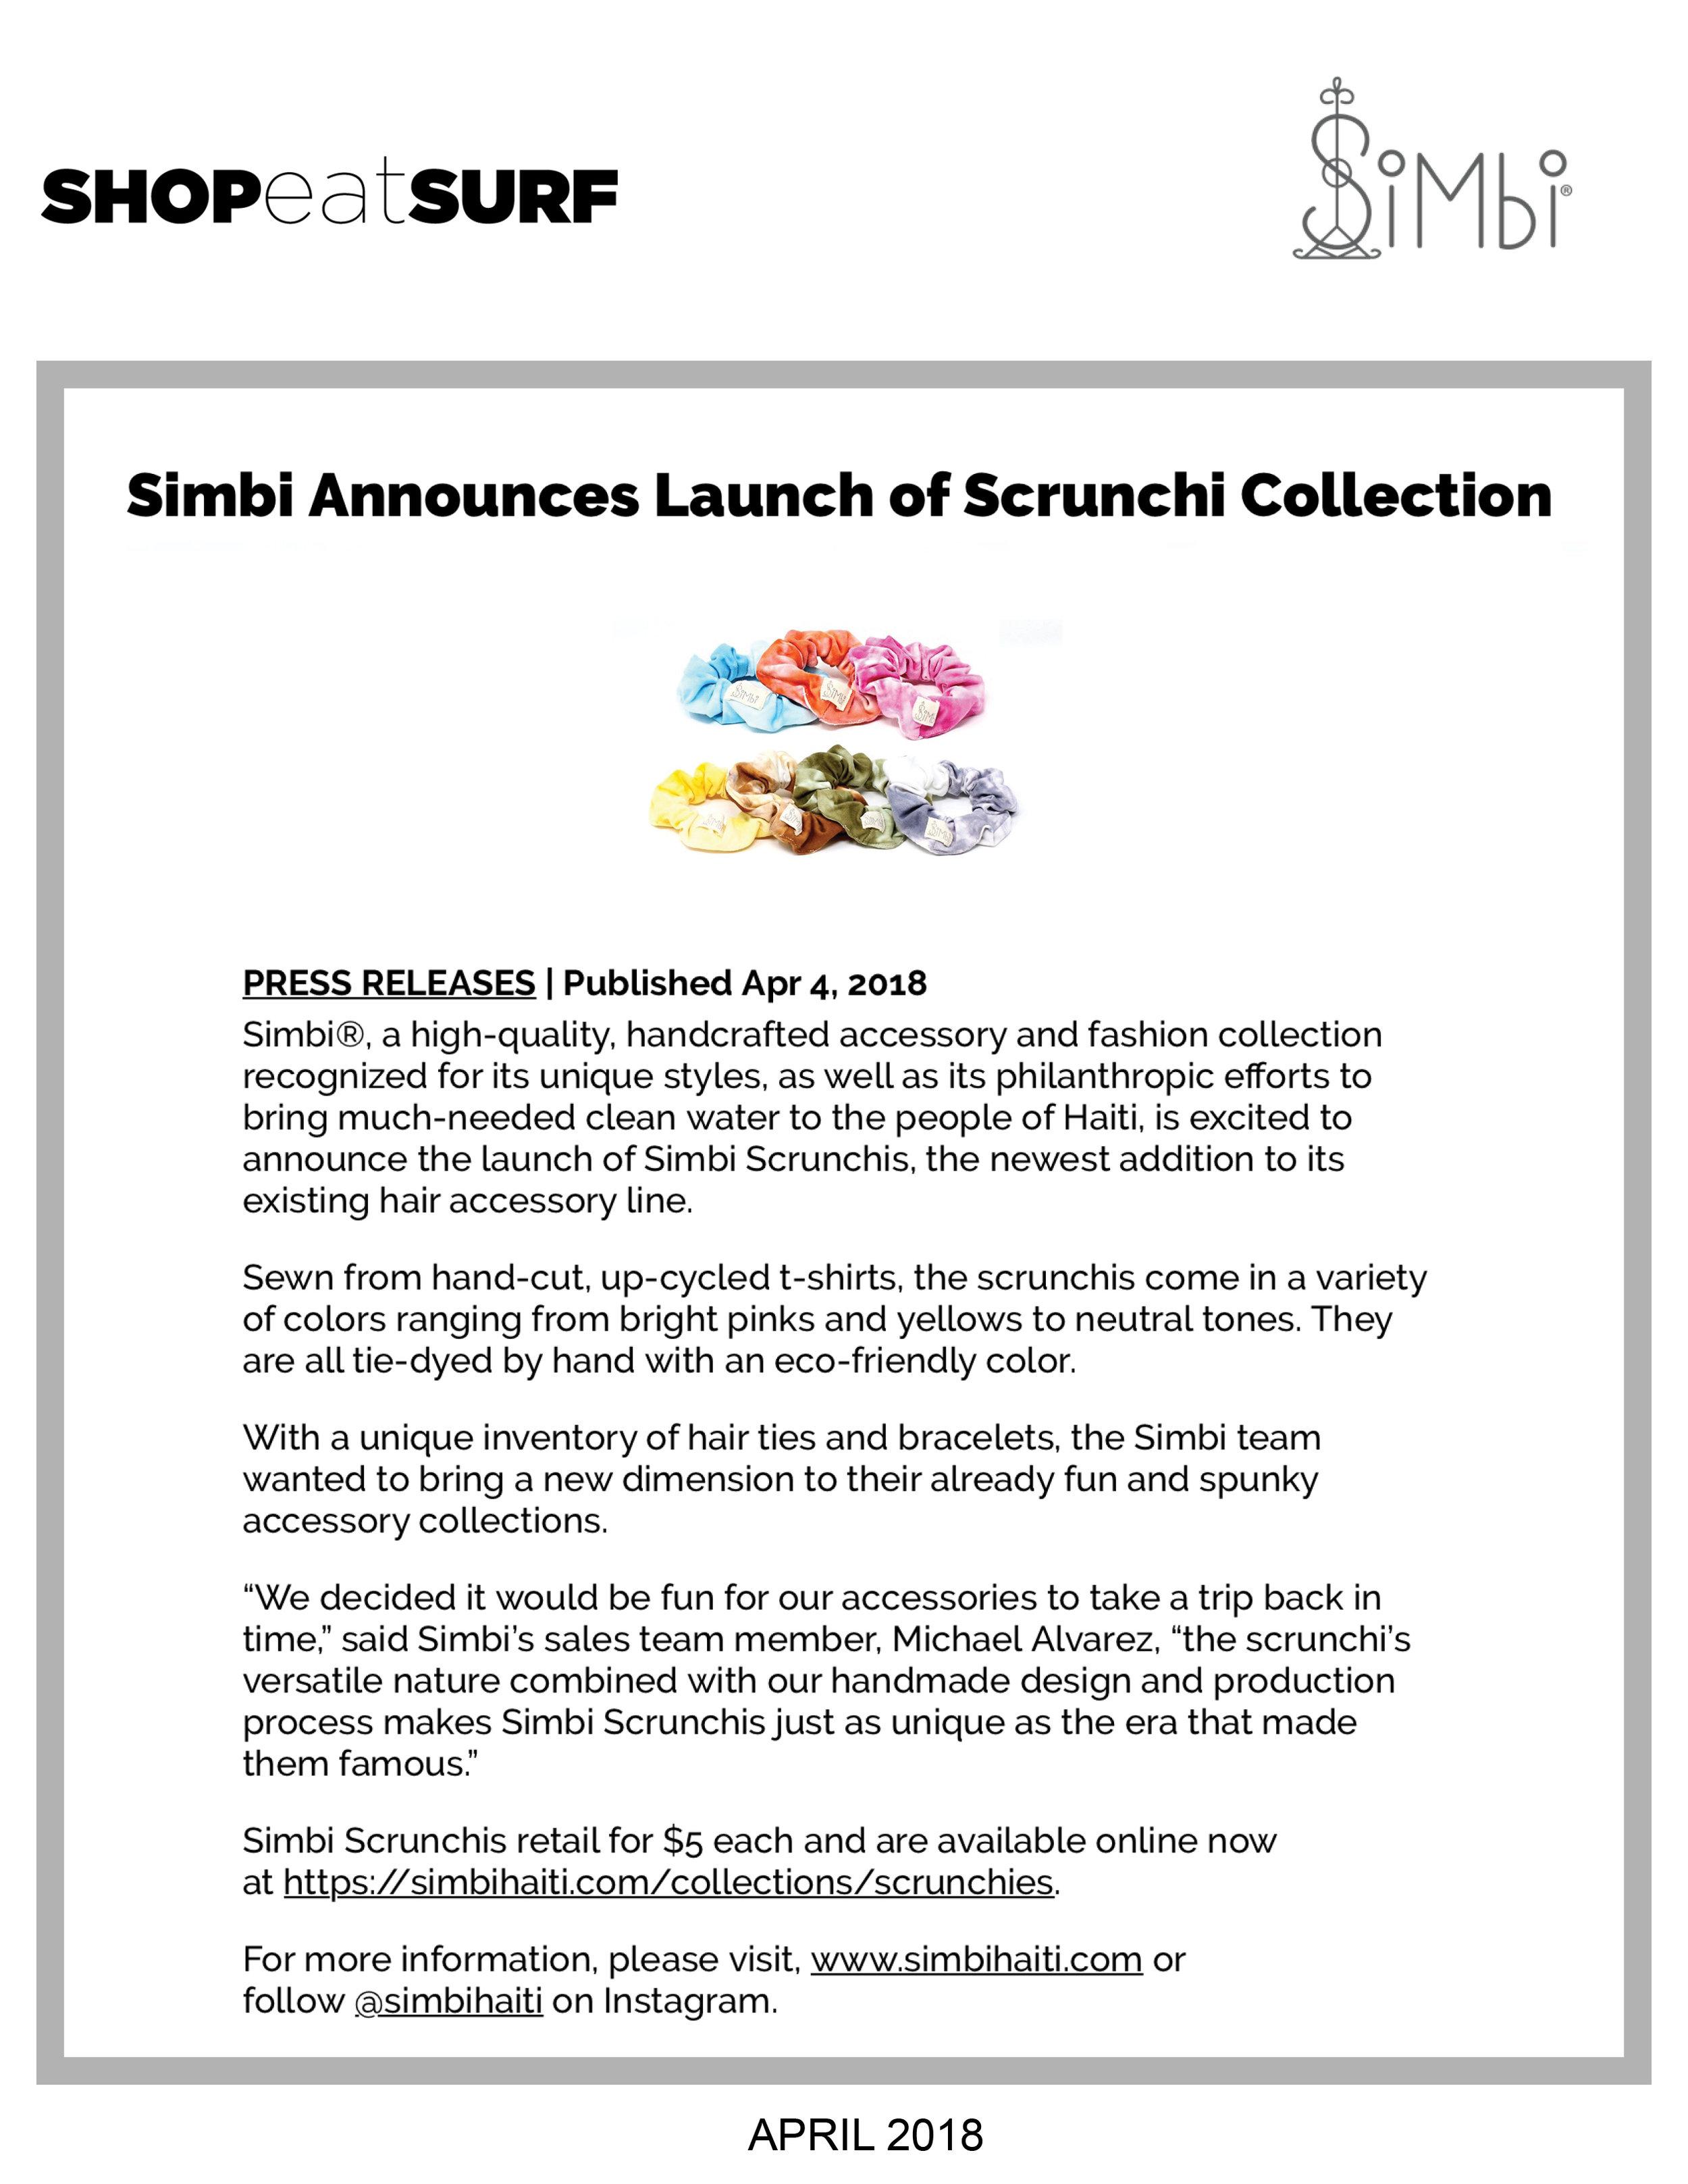 ShopEatSurf_Simbi_April2018.jpg